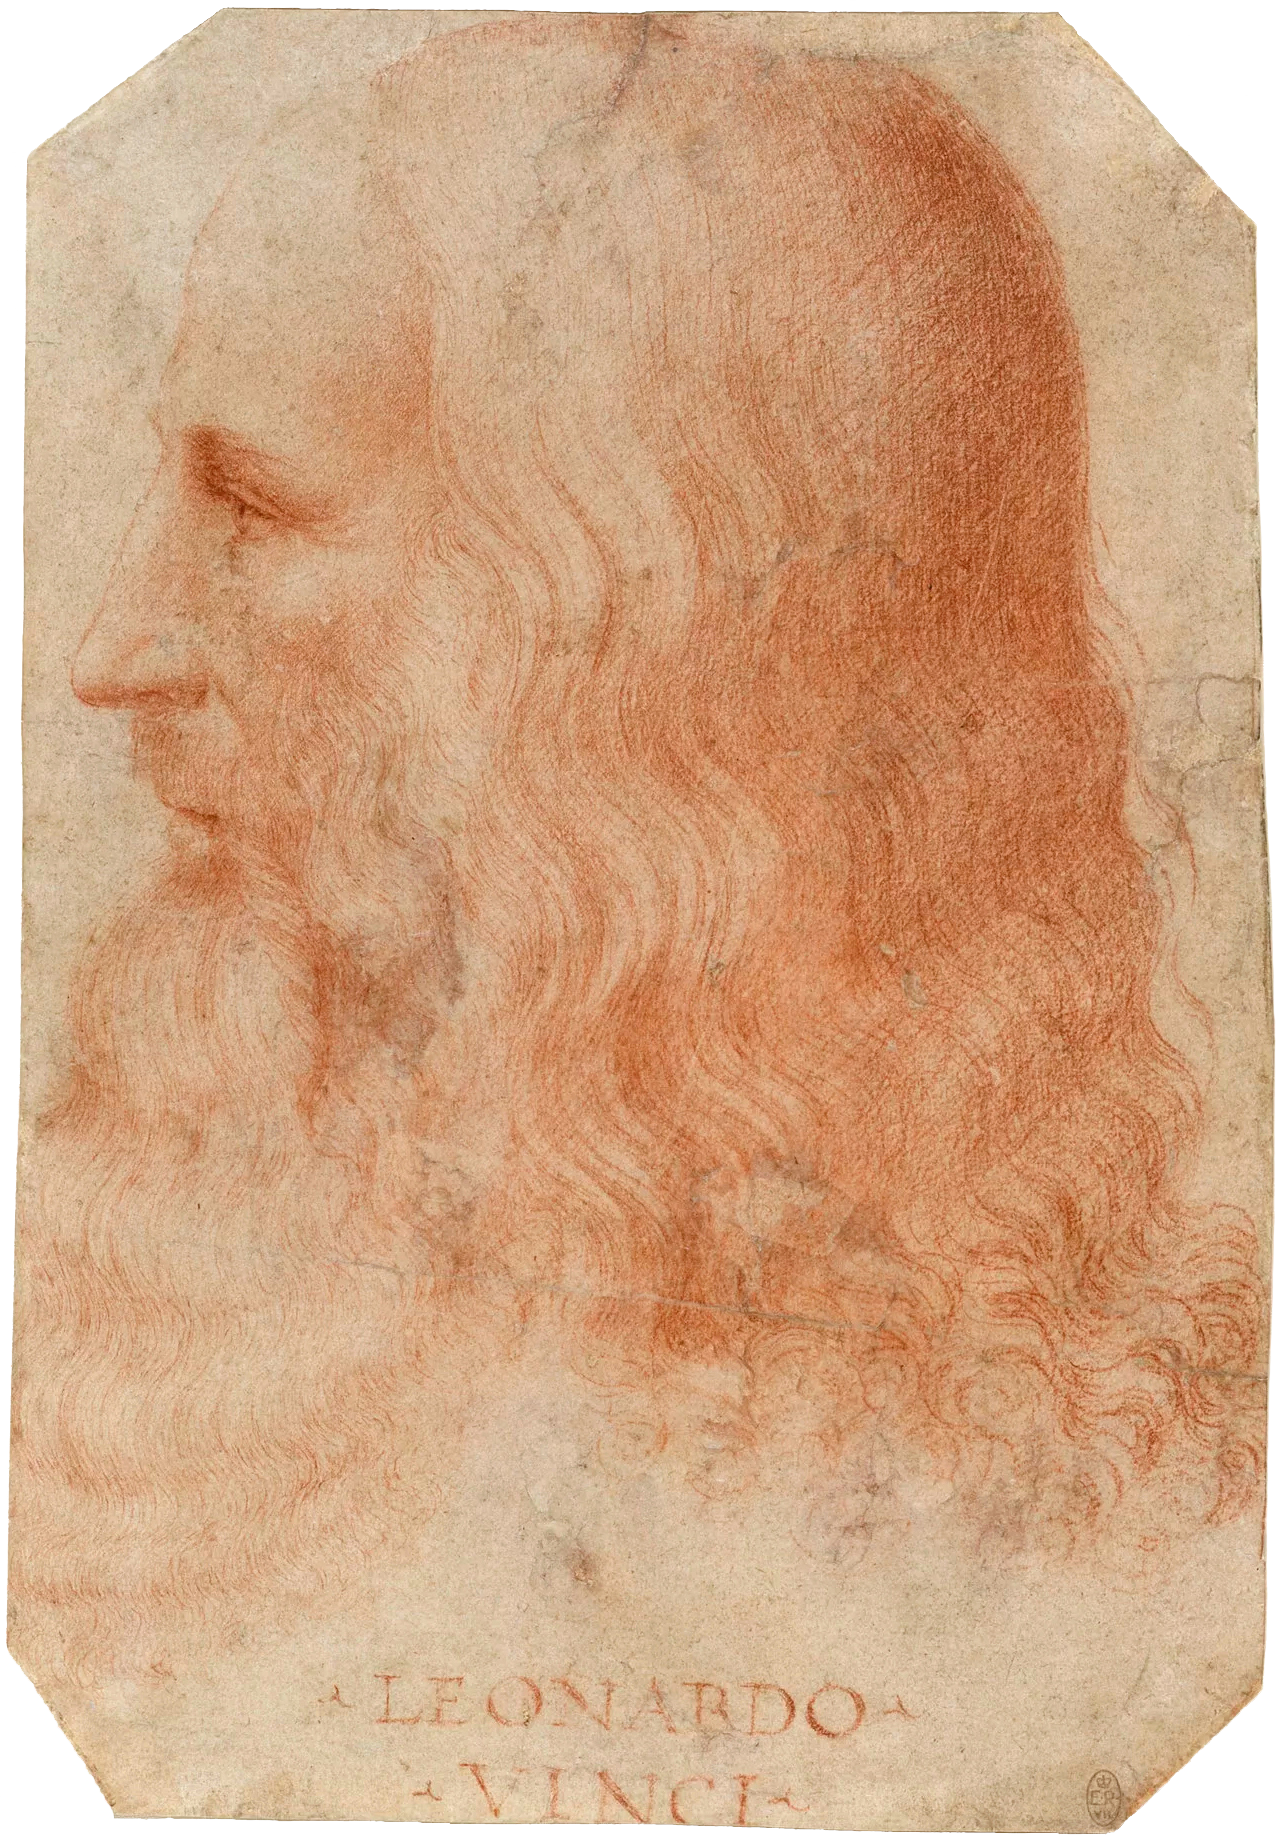 Veja o que saiu no Migalhas sobre Leonardo da Vinci